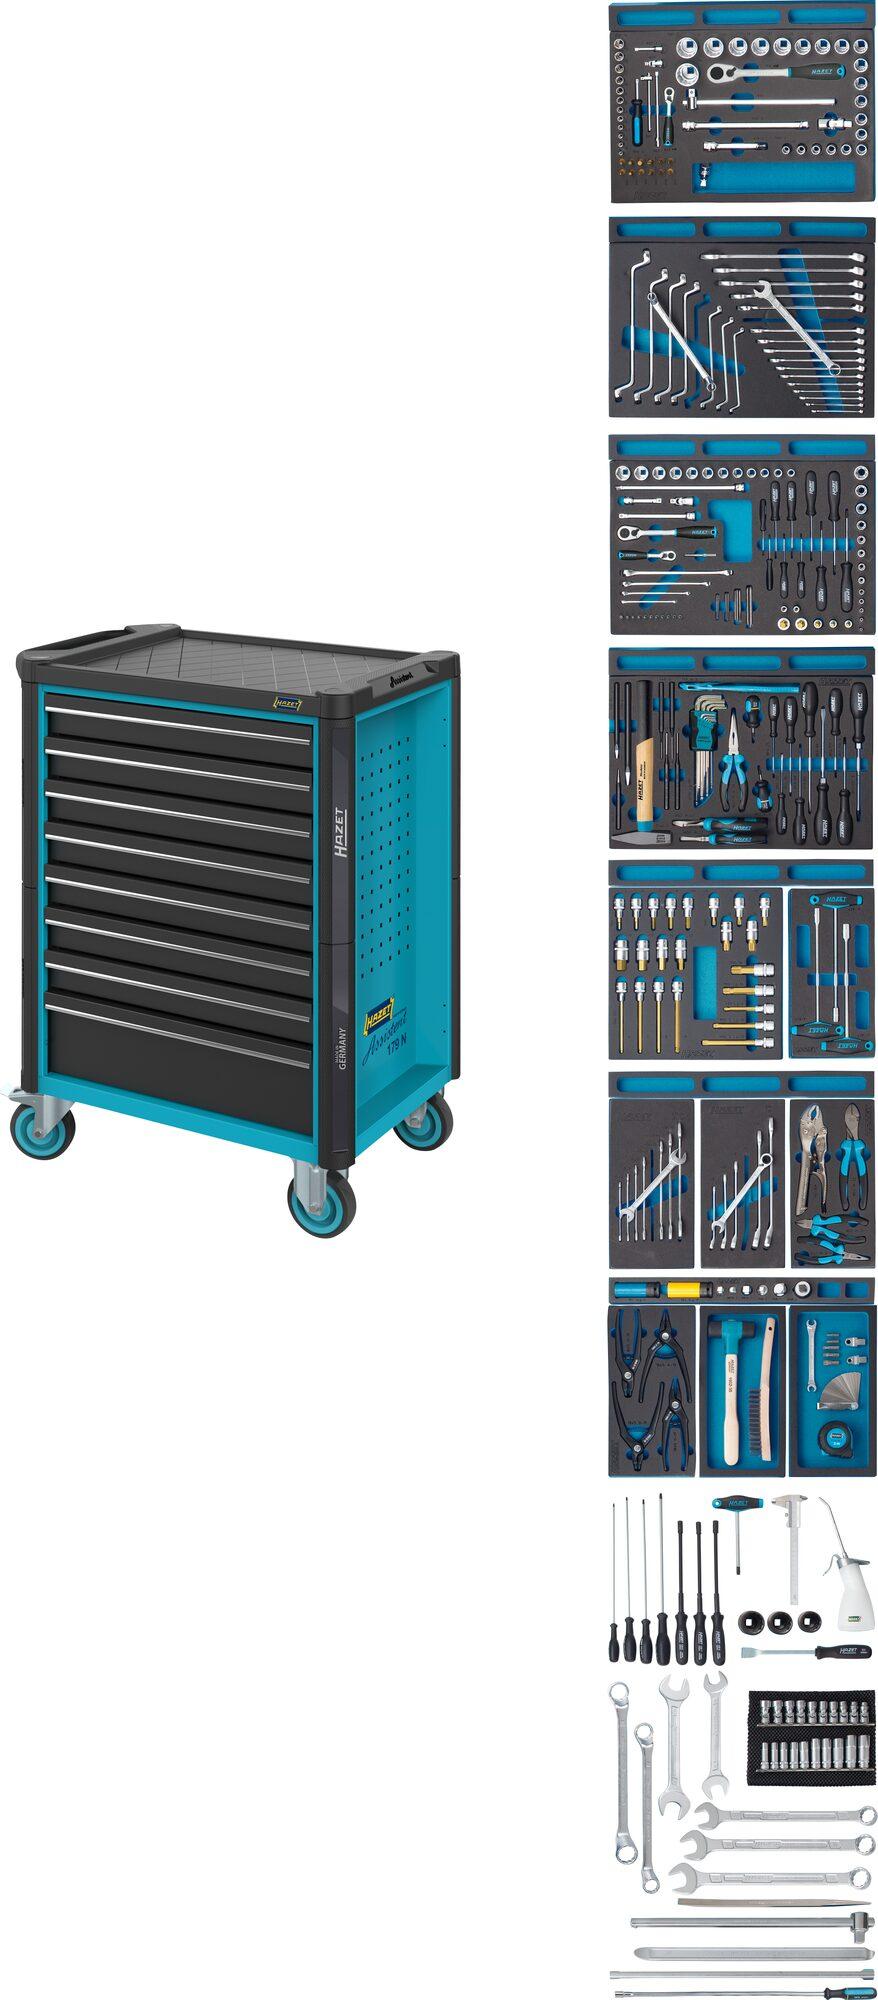 HAZET Werkstattwagen Assistent 179N-8-2700/296 ∙ Schubladen, flach: 7x 81x522x398 mm ∙ Anzahl Werkzeuge: 296